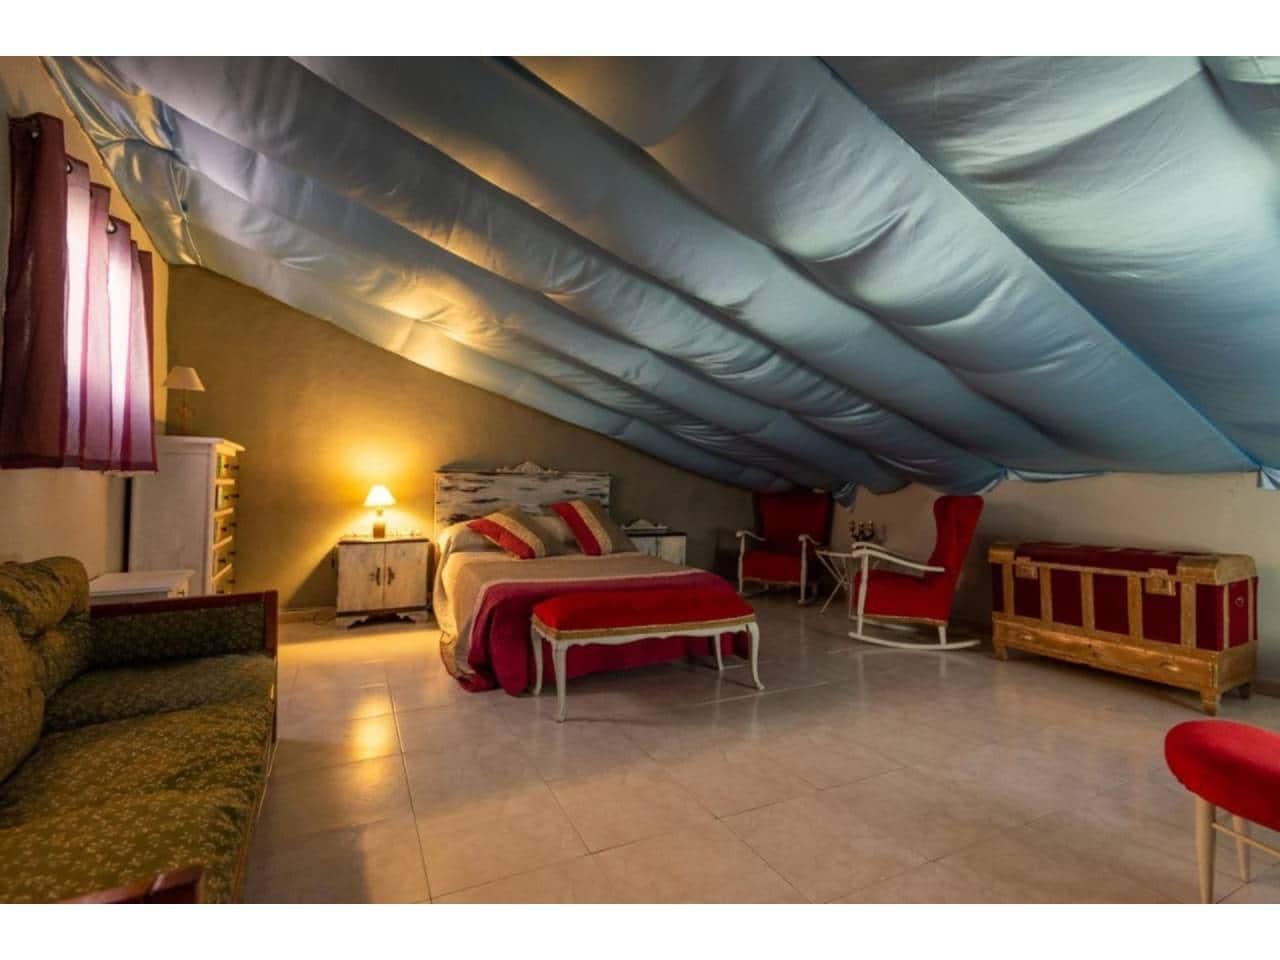 2 sovrum Lägenhet att hyra i Alicante stad - 650 € (Ref: 5440920)